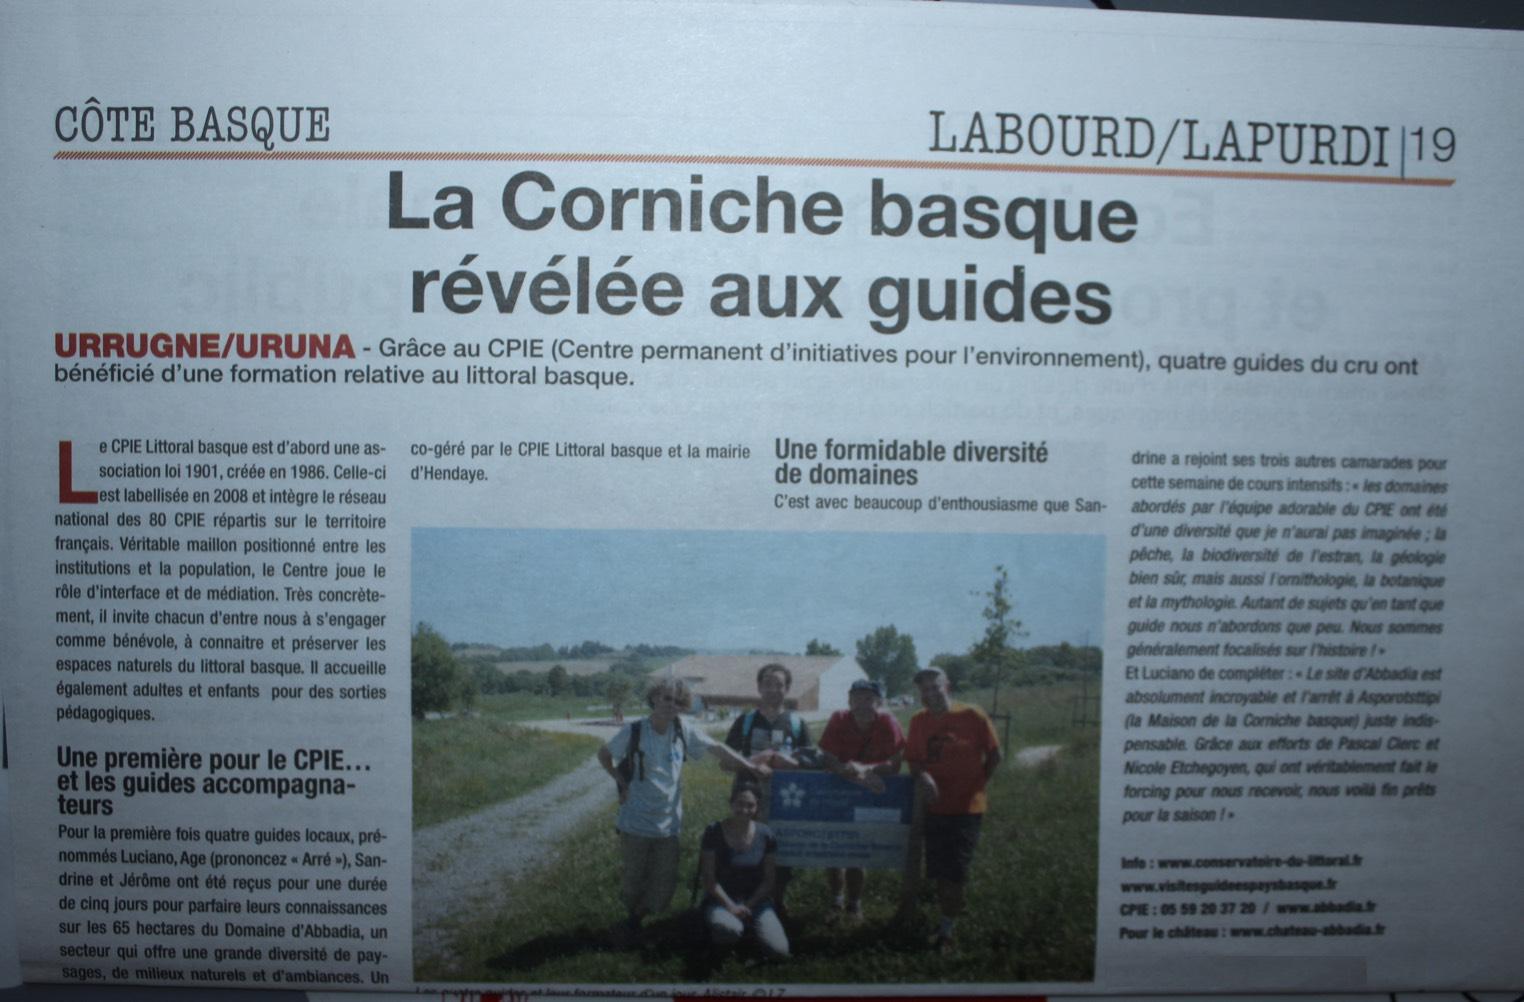 Articles dans la semaine du Pays basque sur la corniche basque